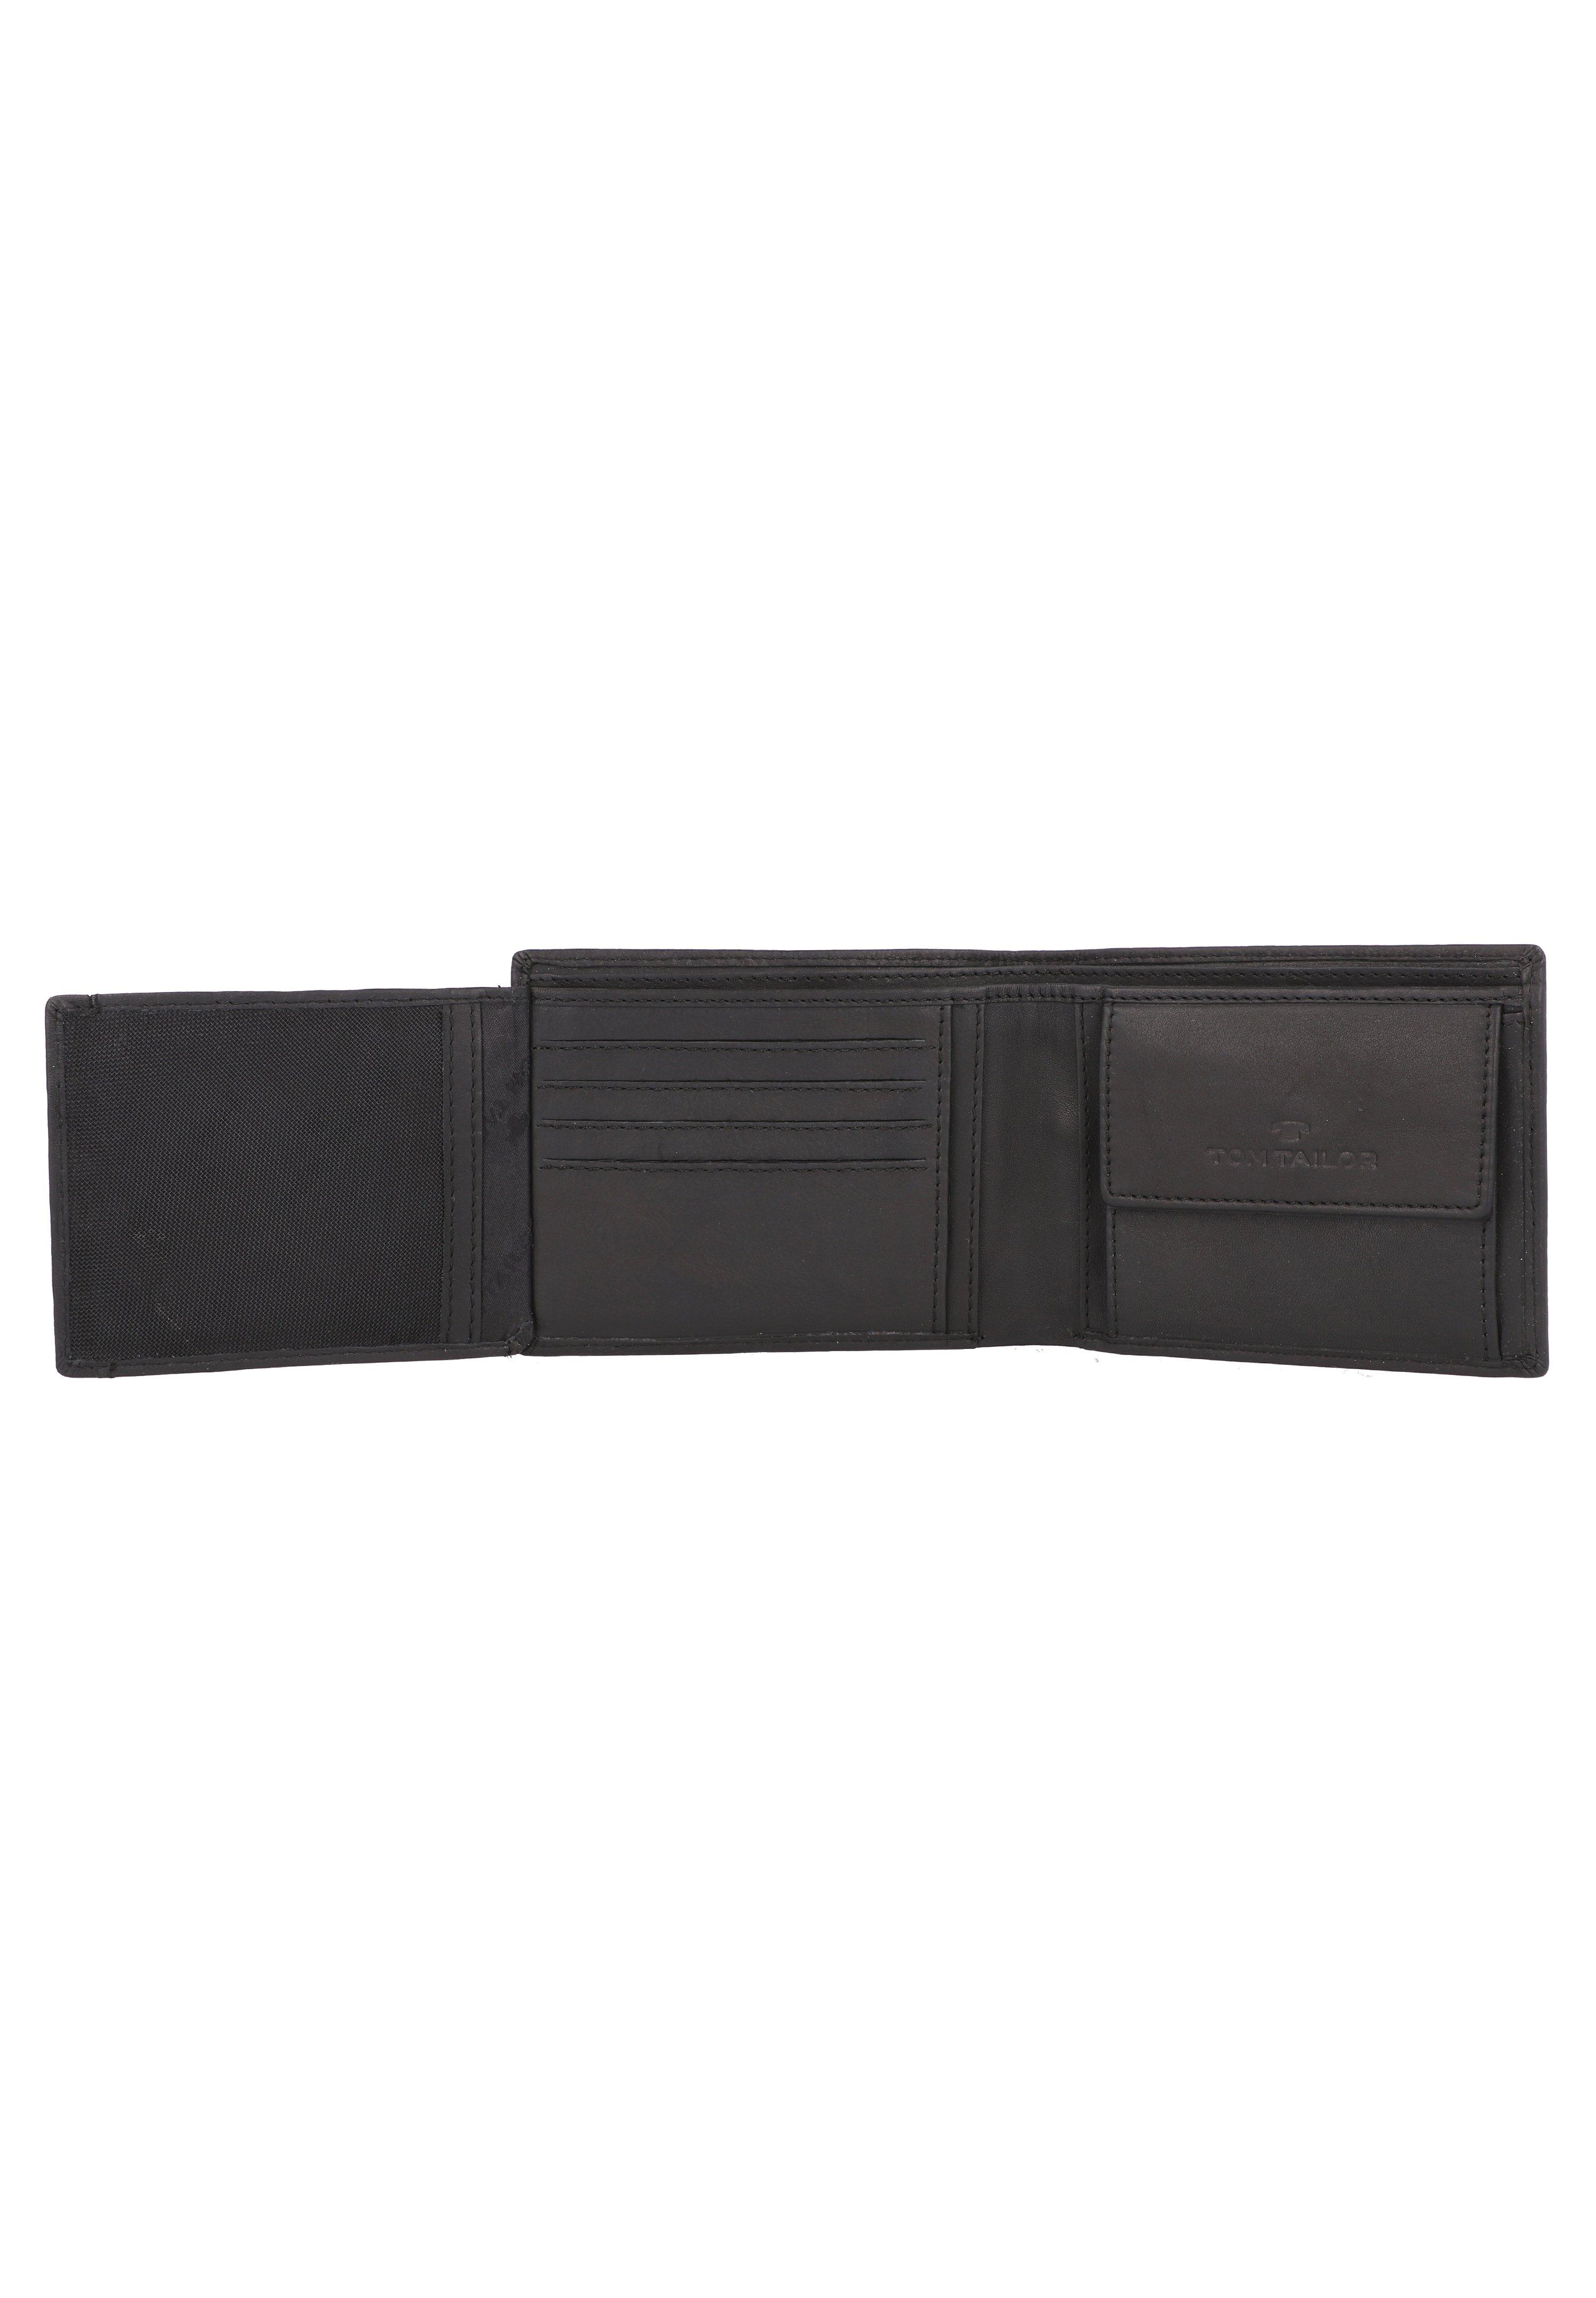 TOM TAILOR BARRY GELDBÖRSE RFID LEDER 12 CM - Geldbörse - black/schwarz - Herrentaschen xjObV